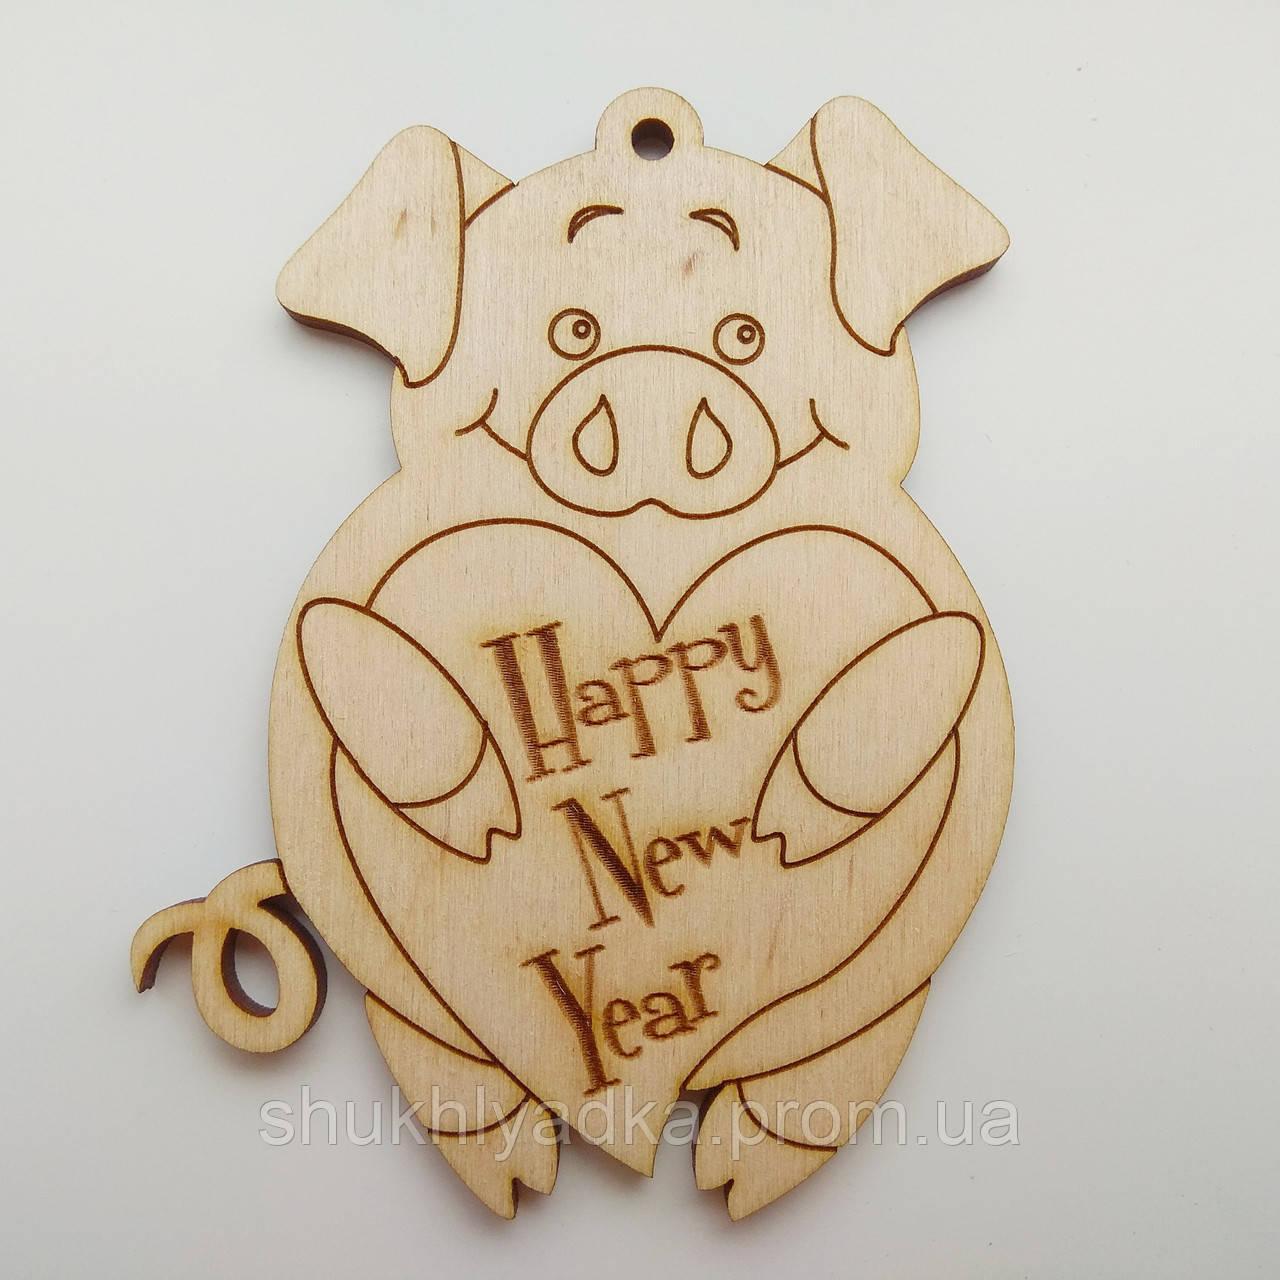 Новогодняя деревянная елочная игрушка Свинка  с сердцем_Happy NY_деревянная заготовка_Новый год